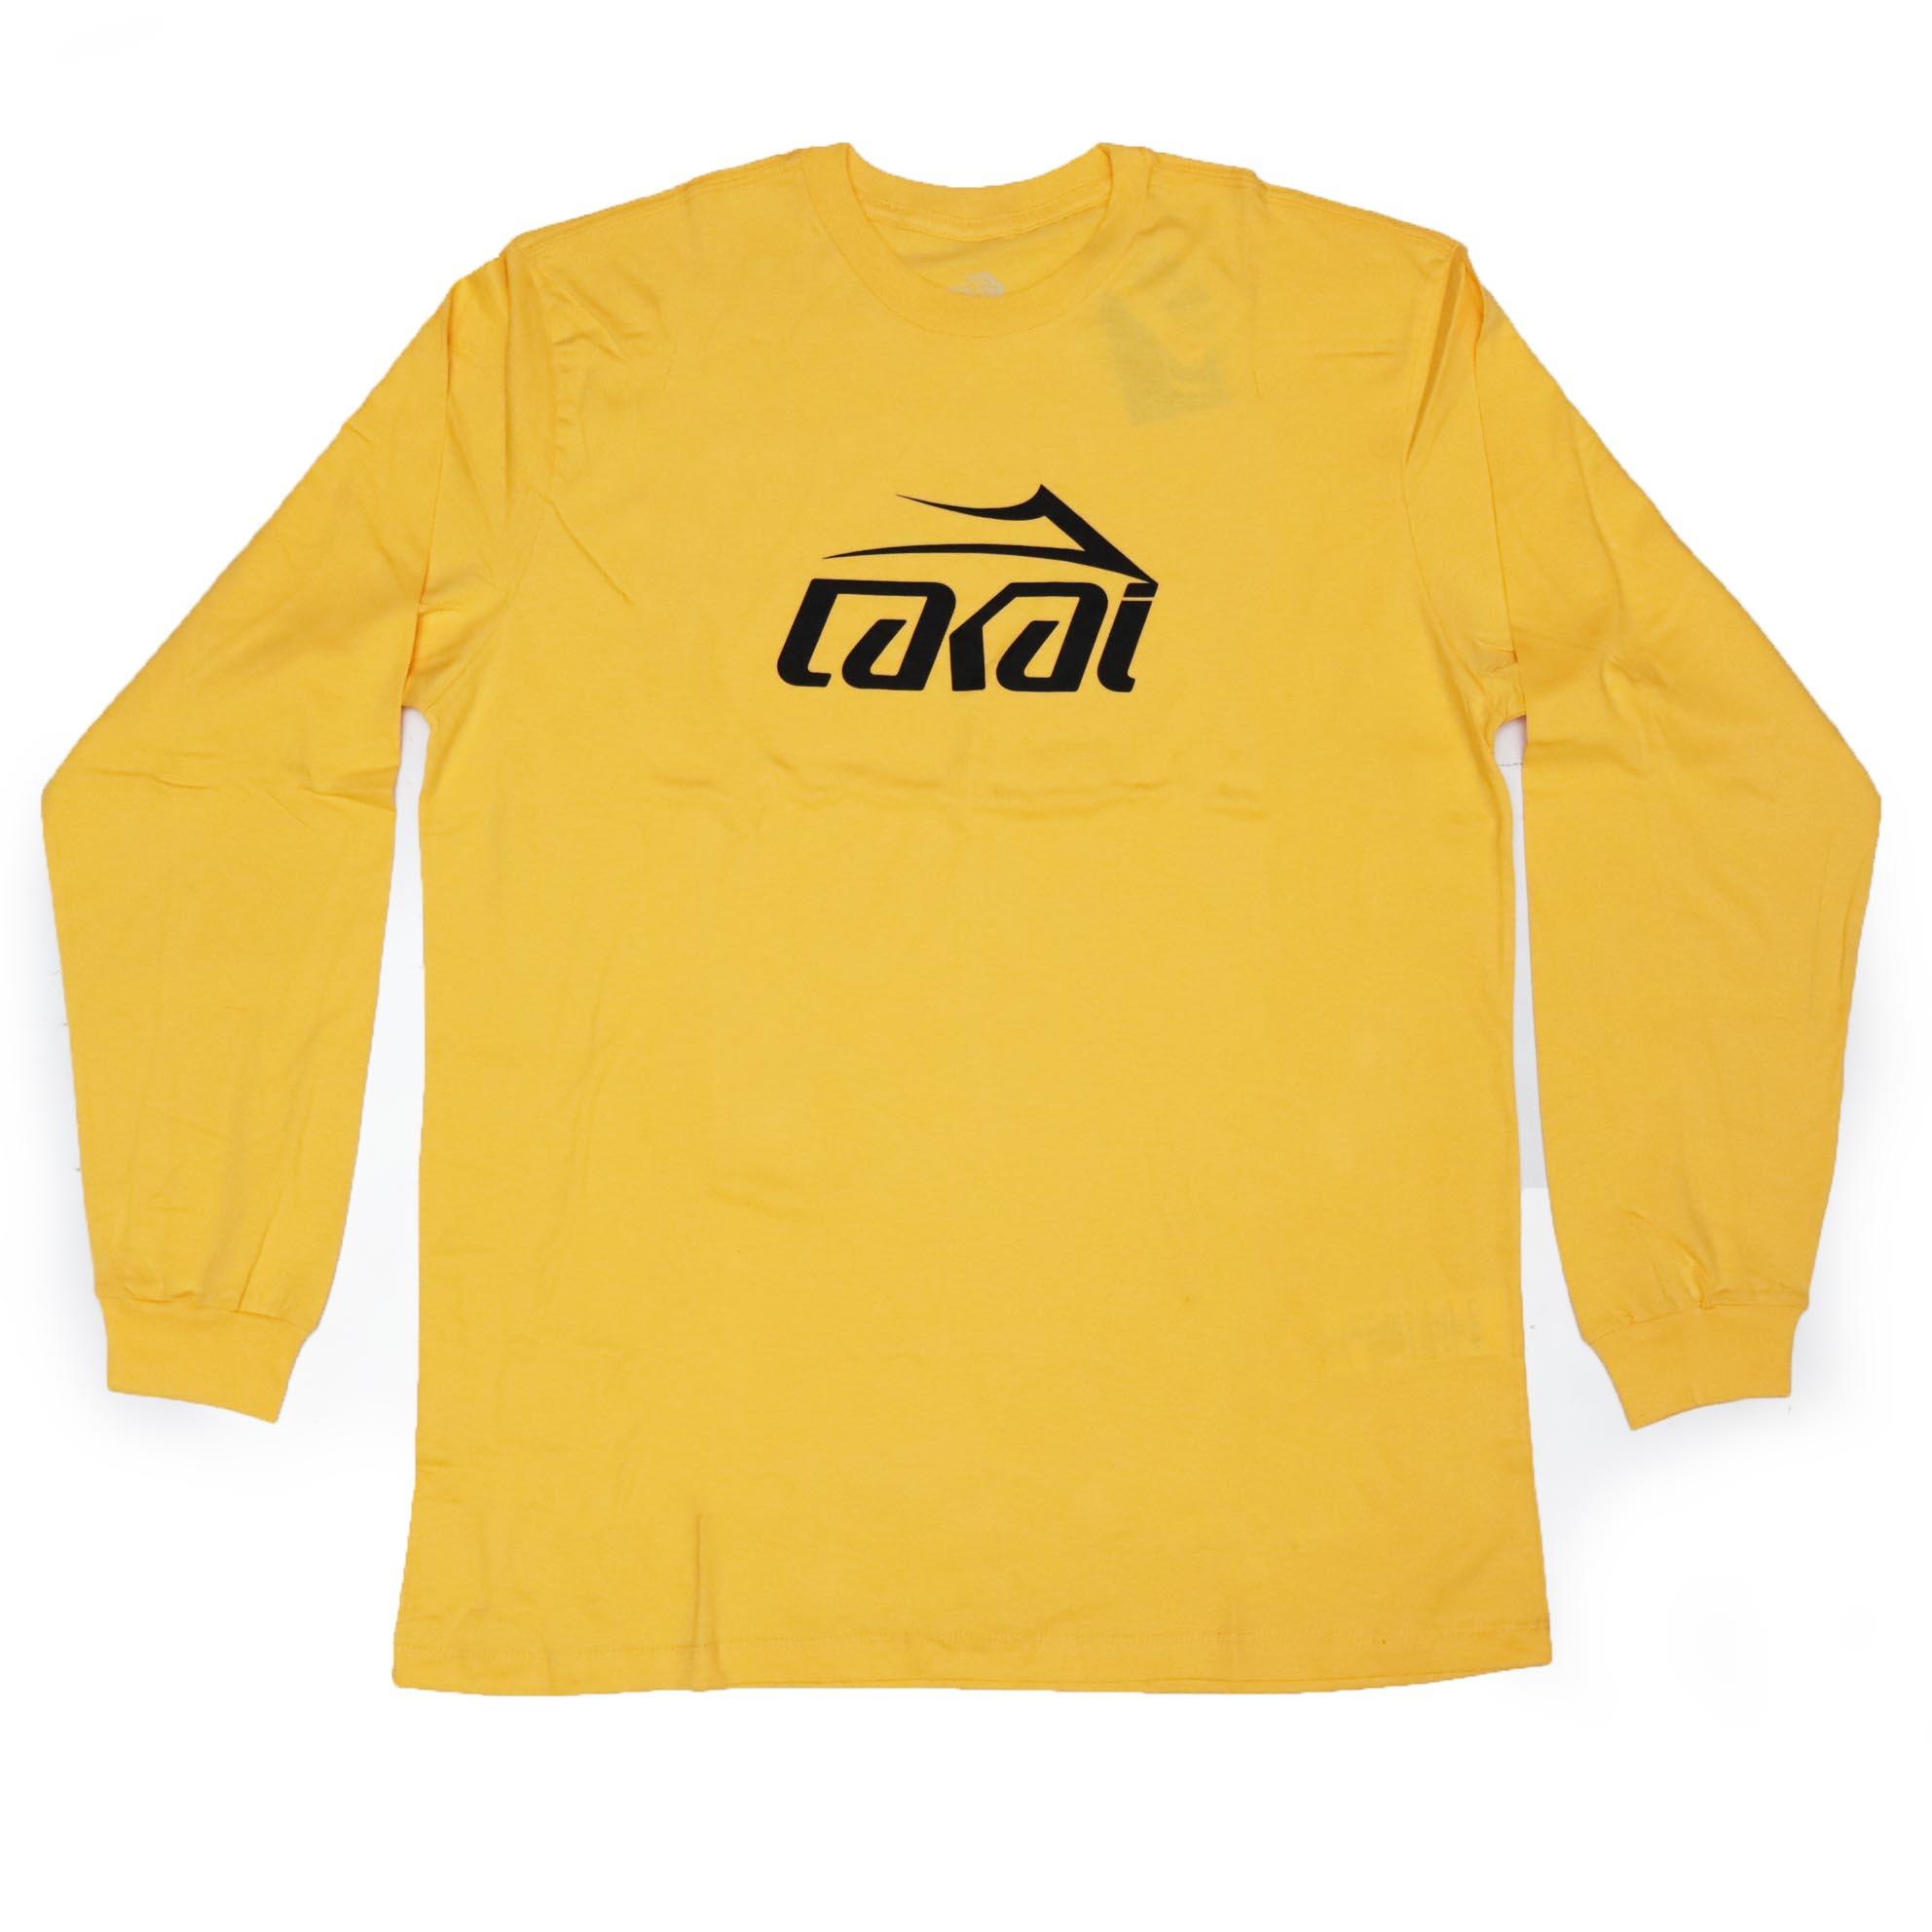 Camiseta Manga Longa Lakai Basic - Amarelo